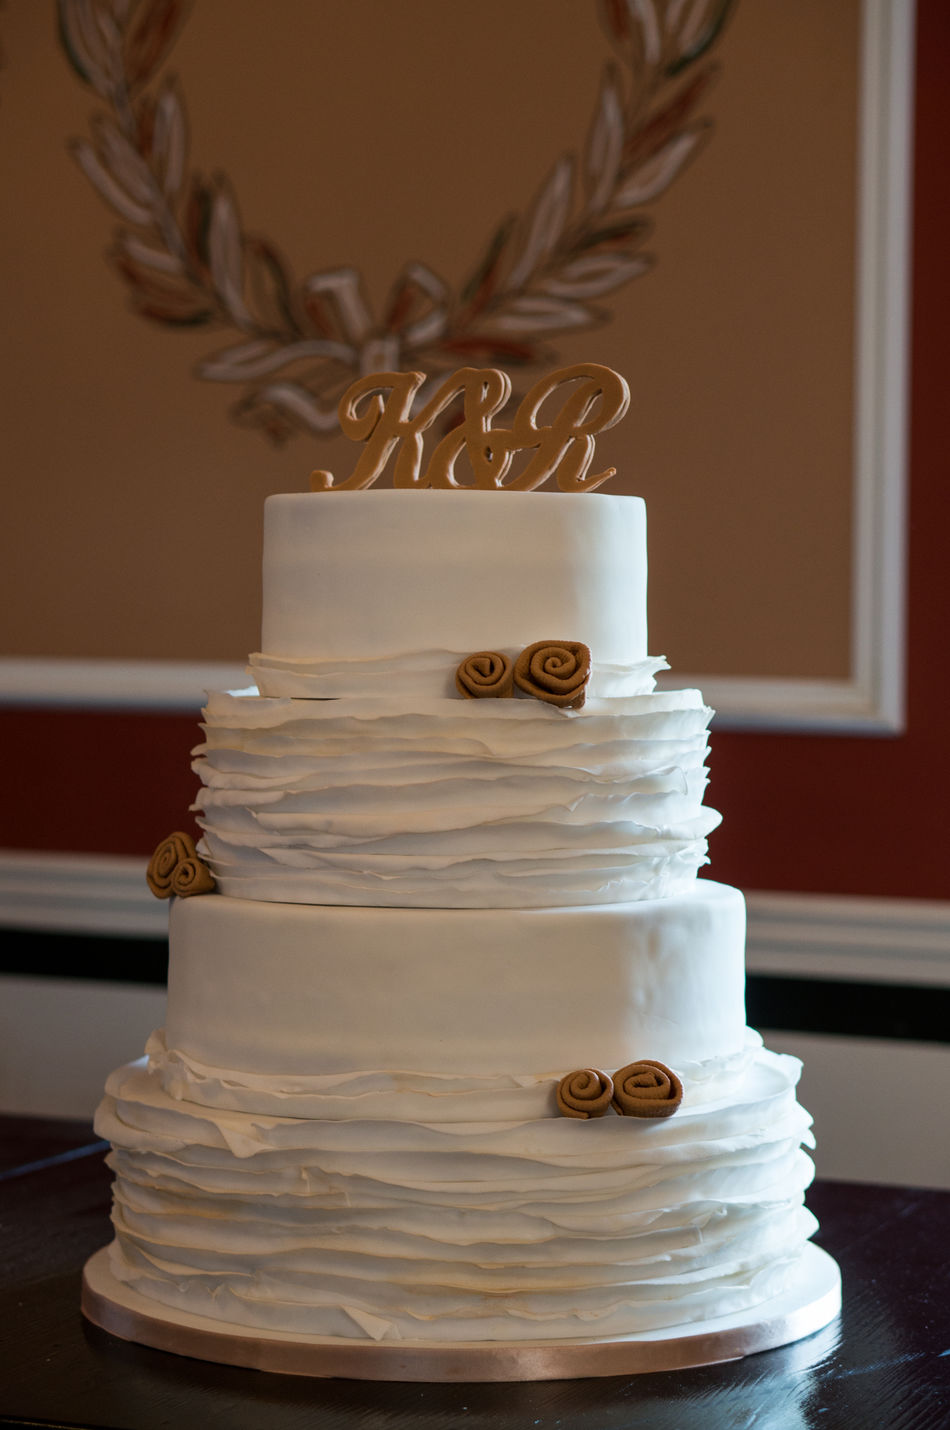 Beautiful stock photos of wedding cake,  Cake,  Close-Up,  Dessert,  Food